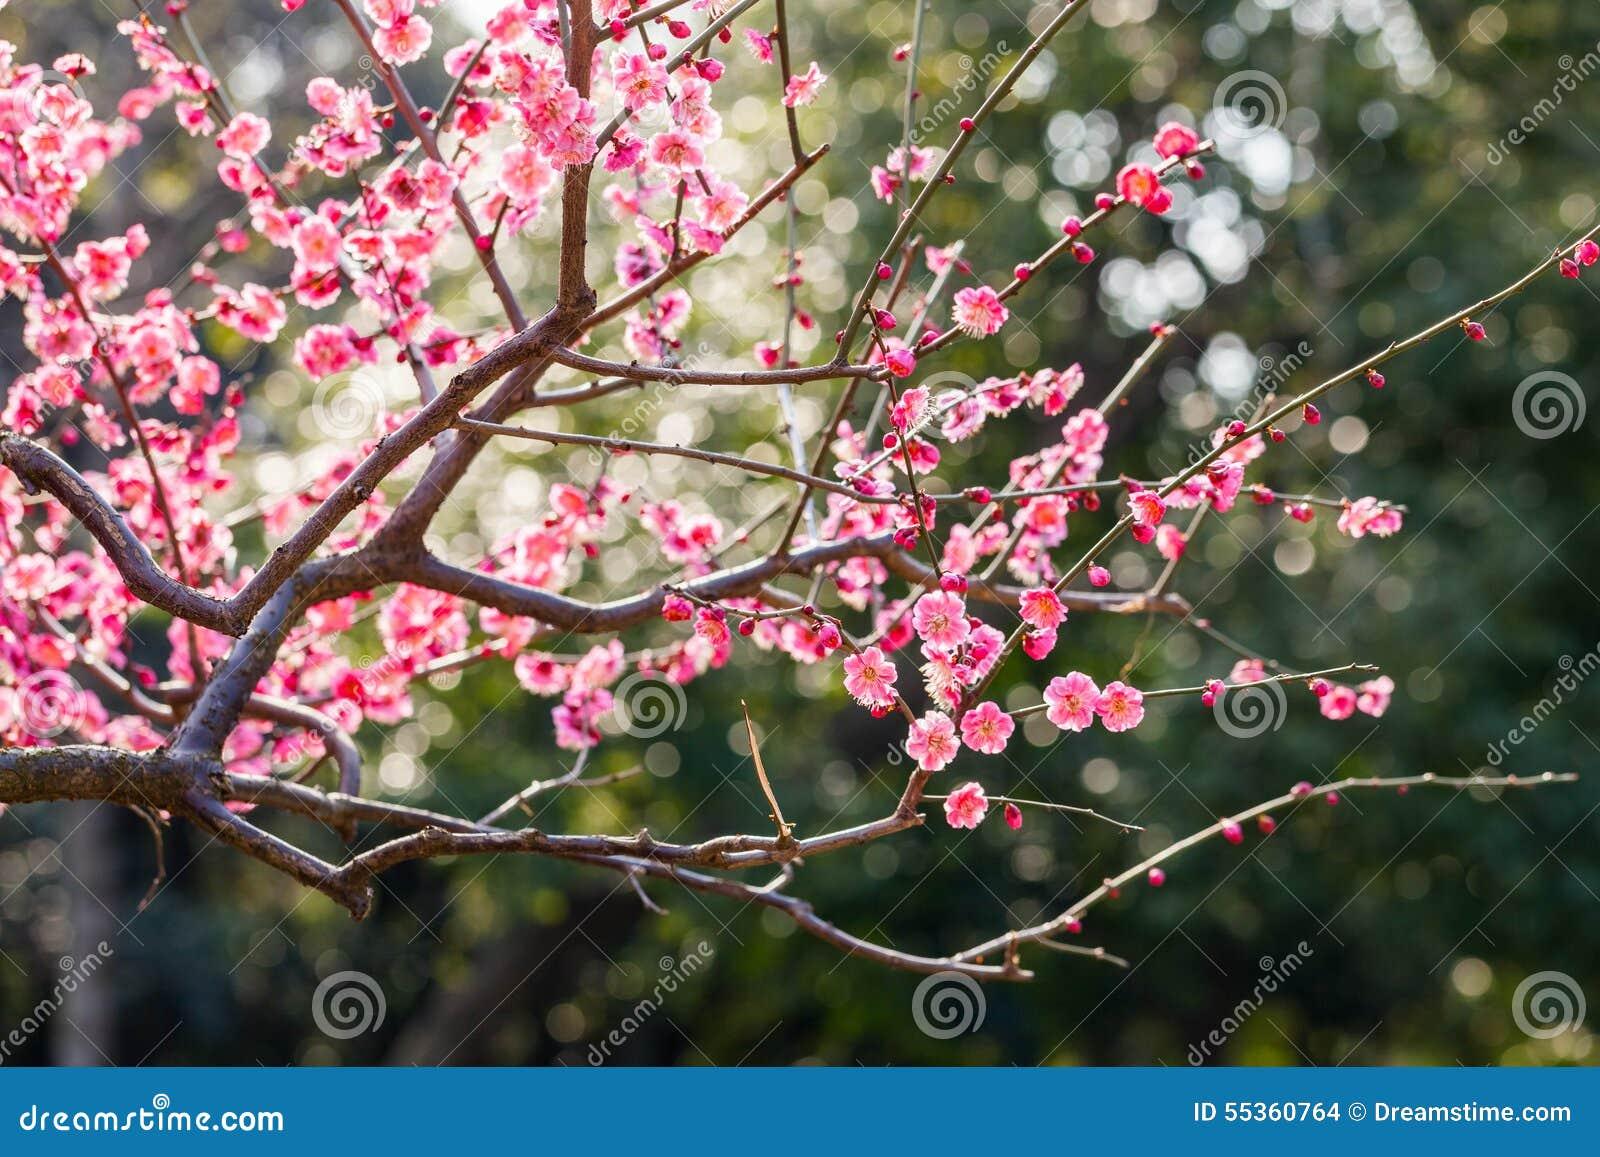 Blomma för plommonblomma